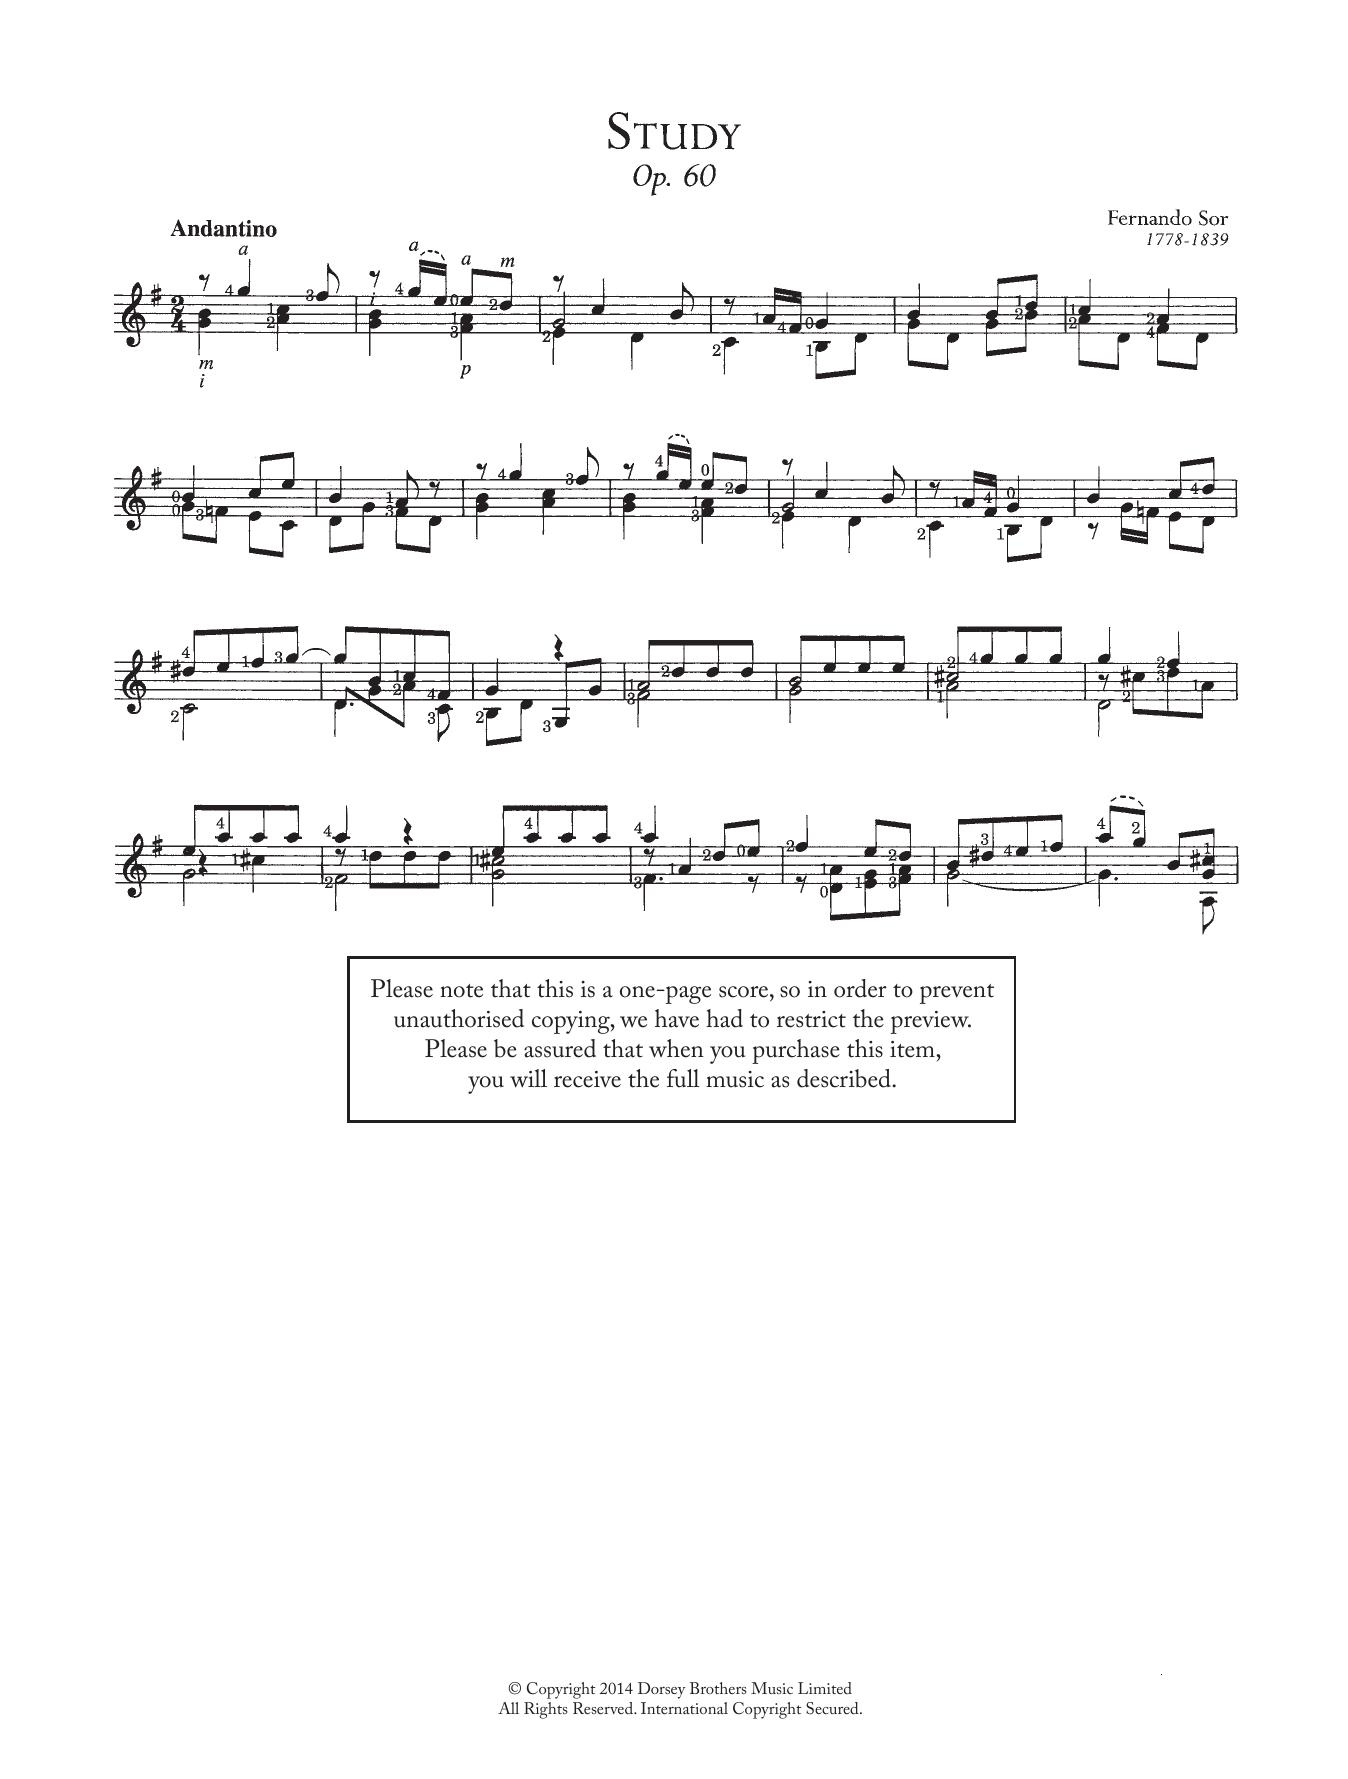 Fernando Sor - Study, Op.60